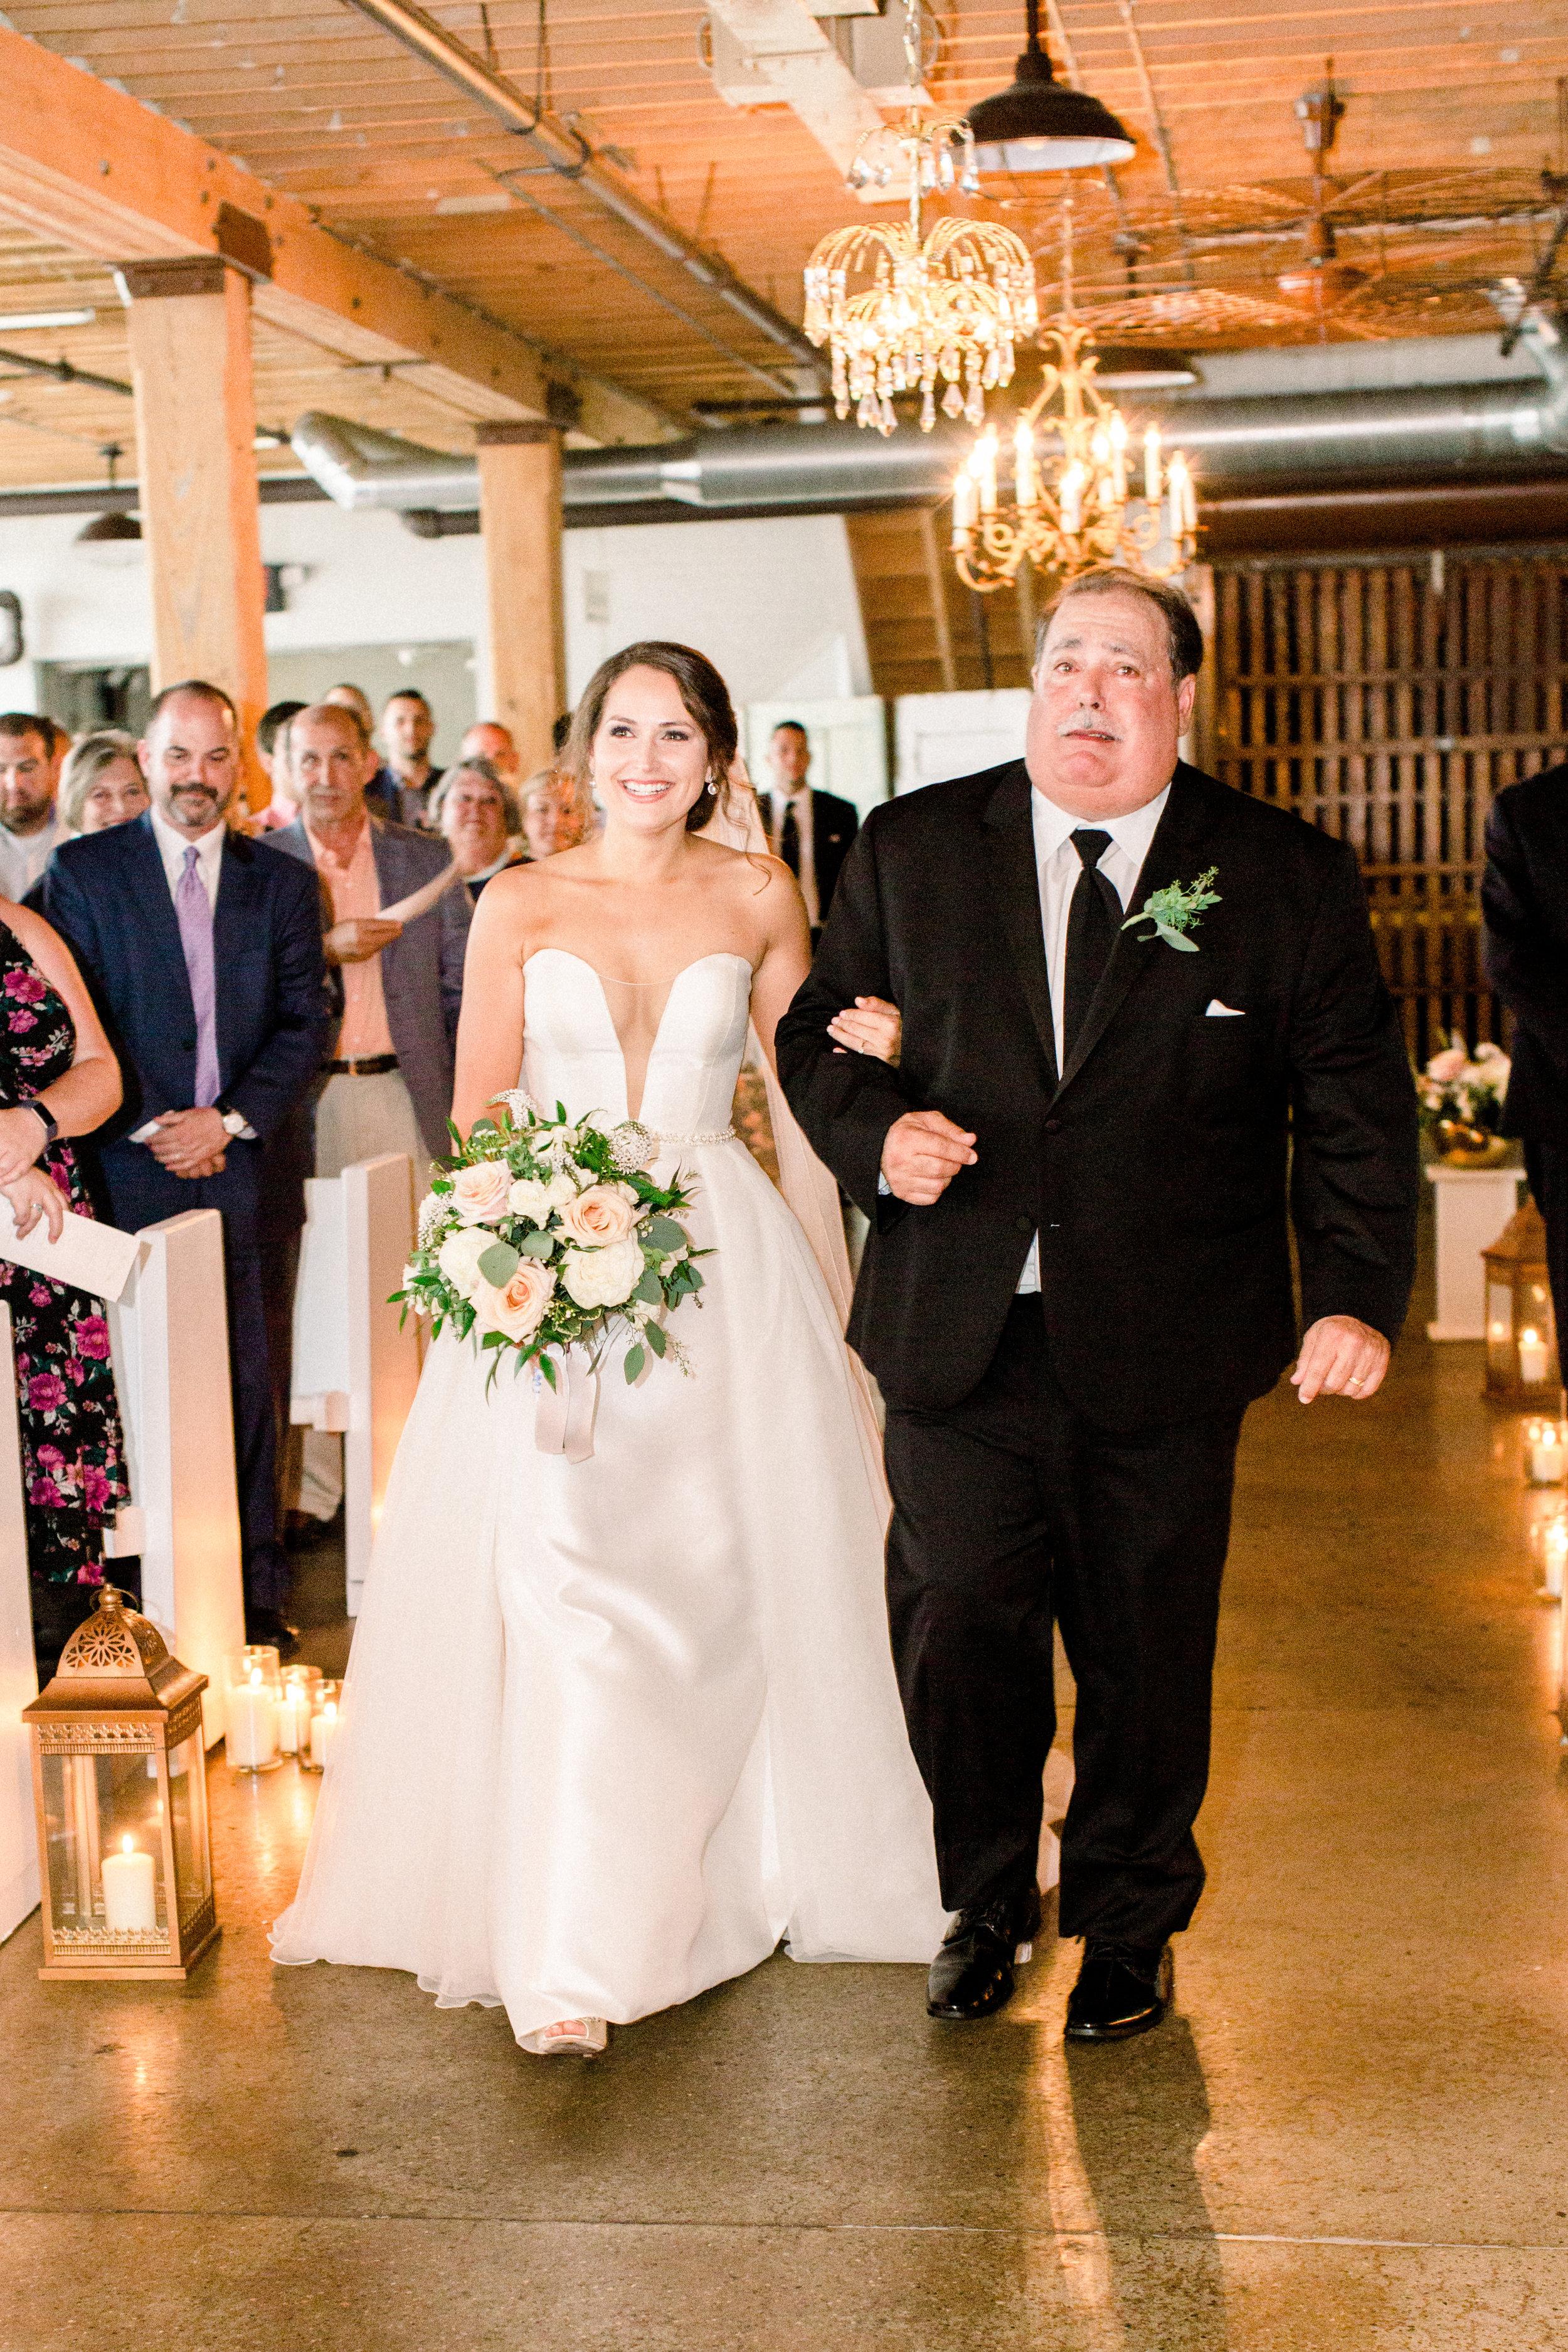 Steiner+Wedding+Ceremony-91.jpg